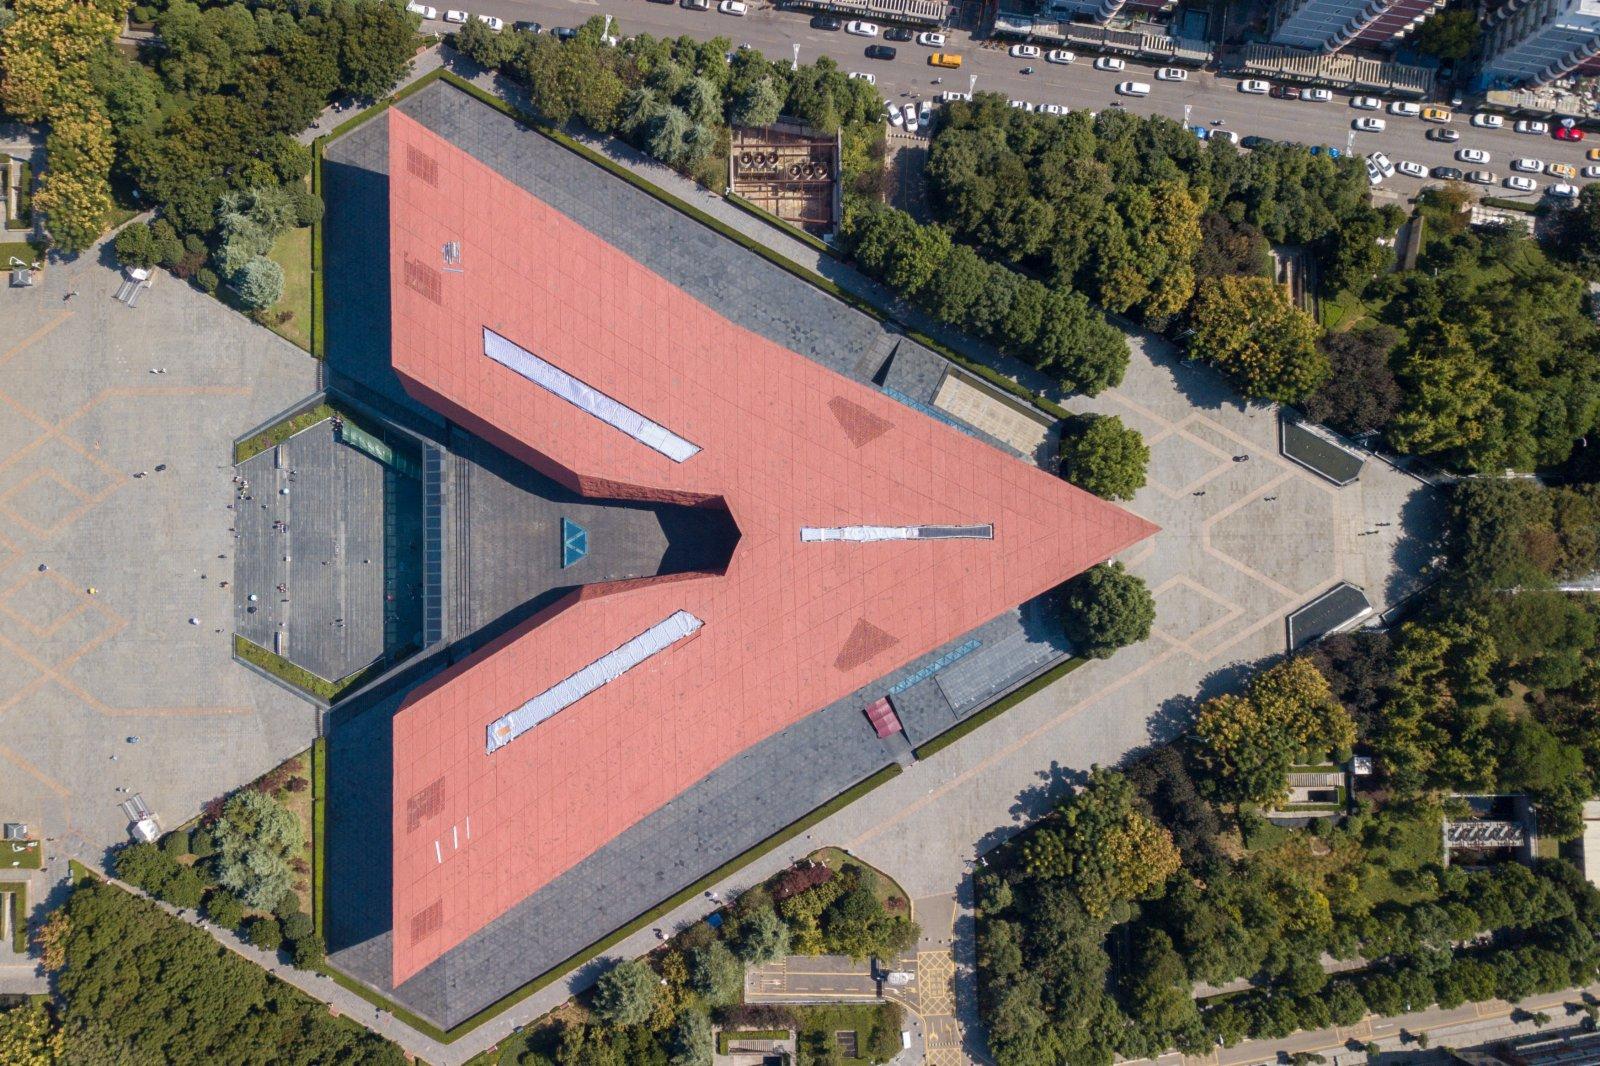 位於湖北省武漢市武昌區的辛亥革命博物館。(新華社)